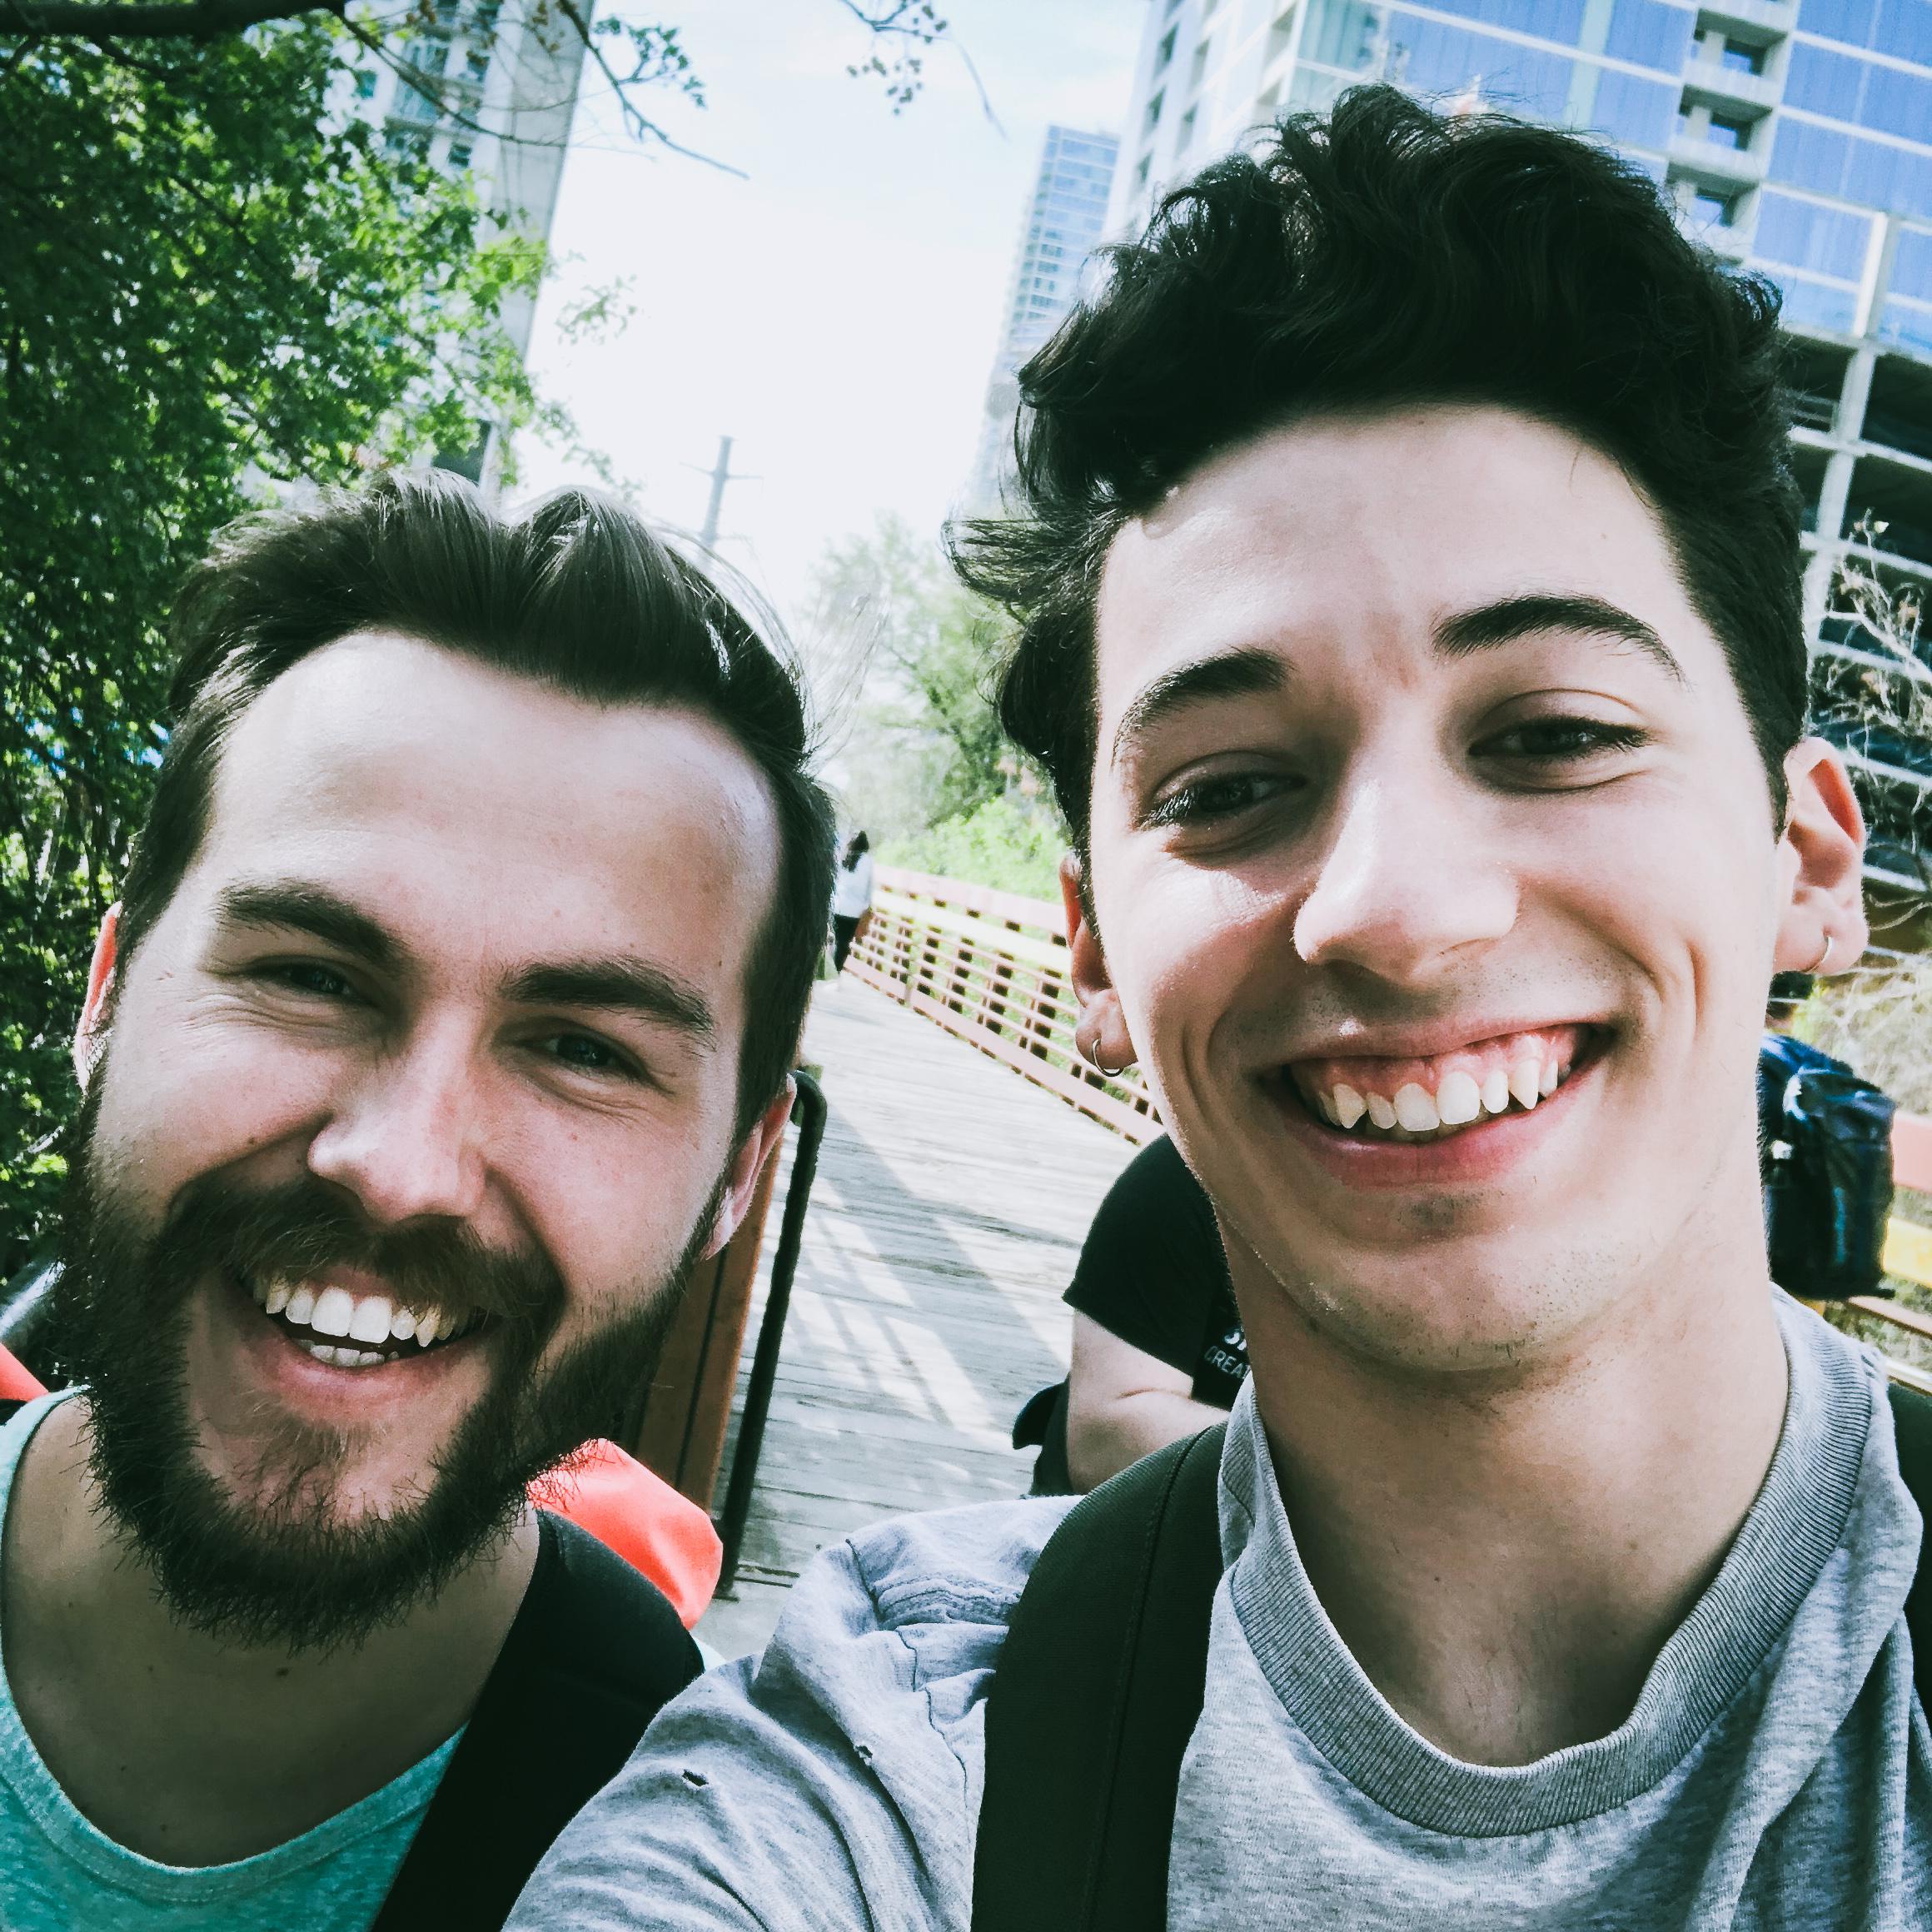 Matthew Gattozzi with Instagrammer Jesse Driftwood